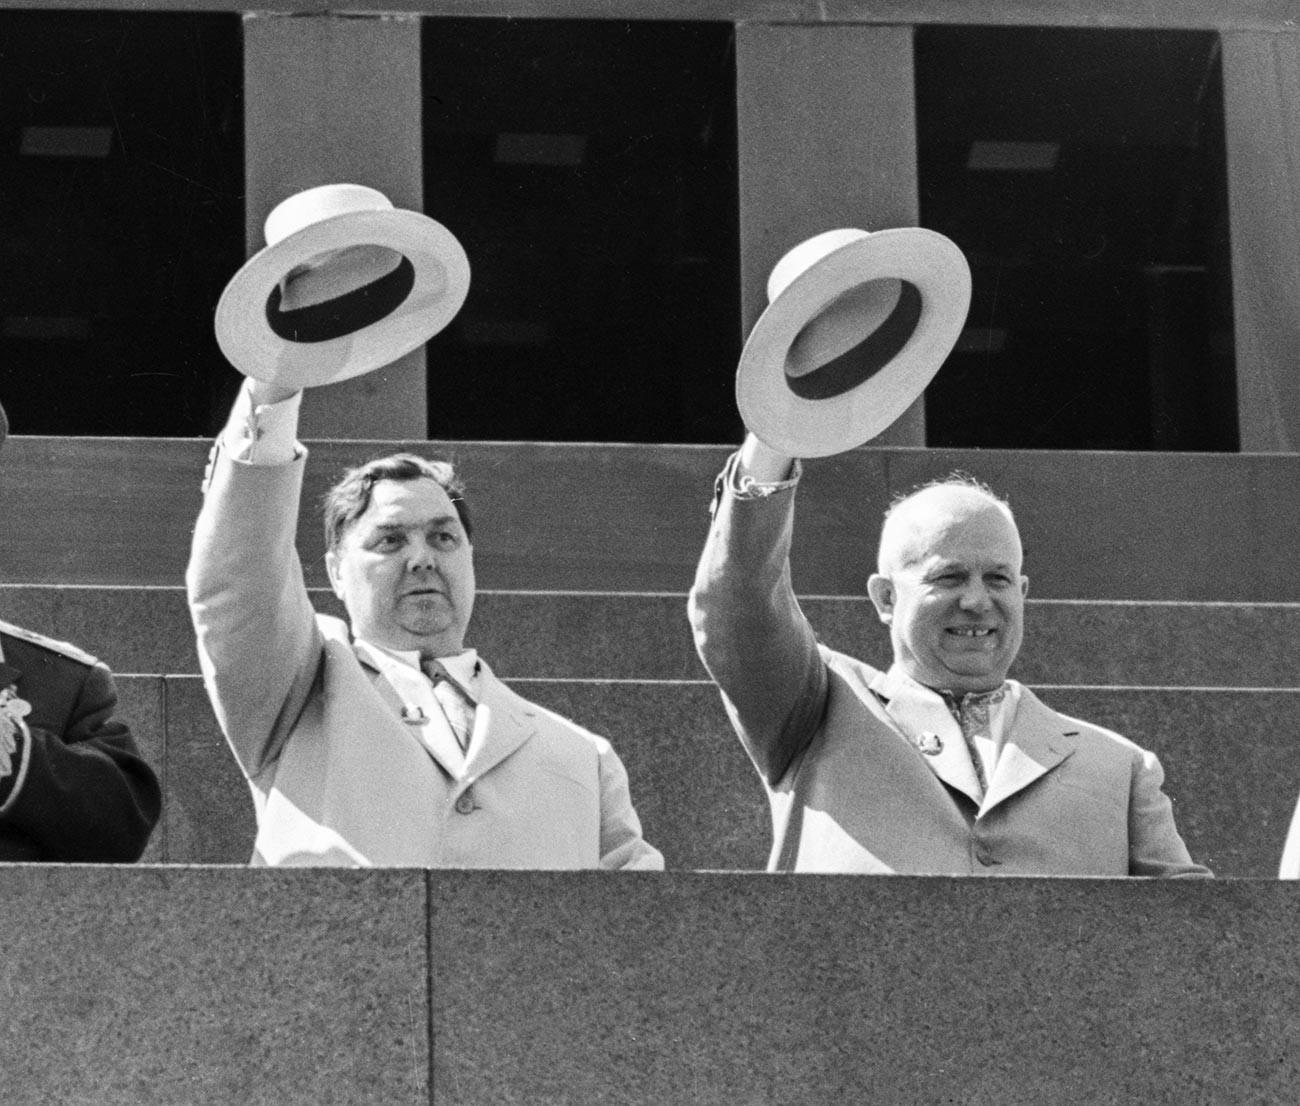 Георги Максимилијанович Маленков и Никита Сергеевич Хрушчов